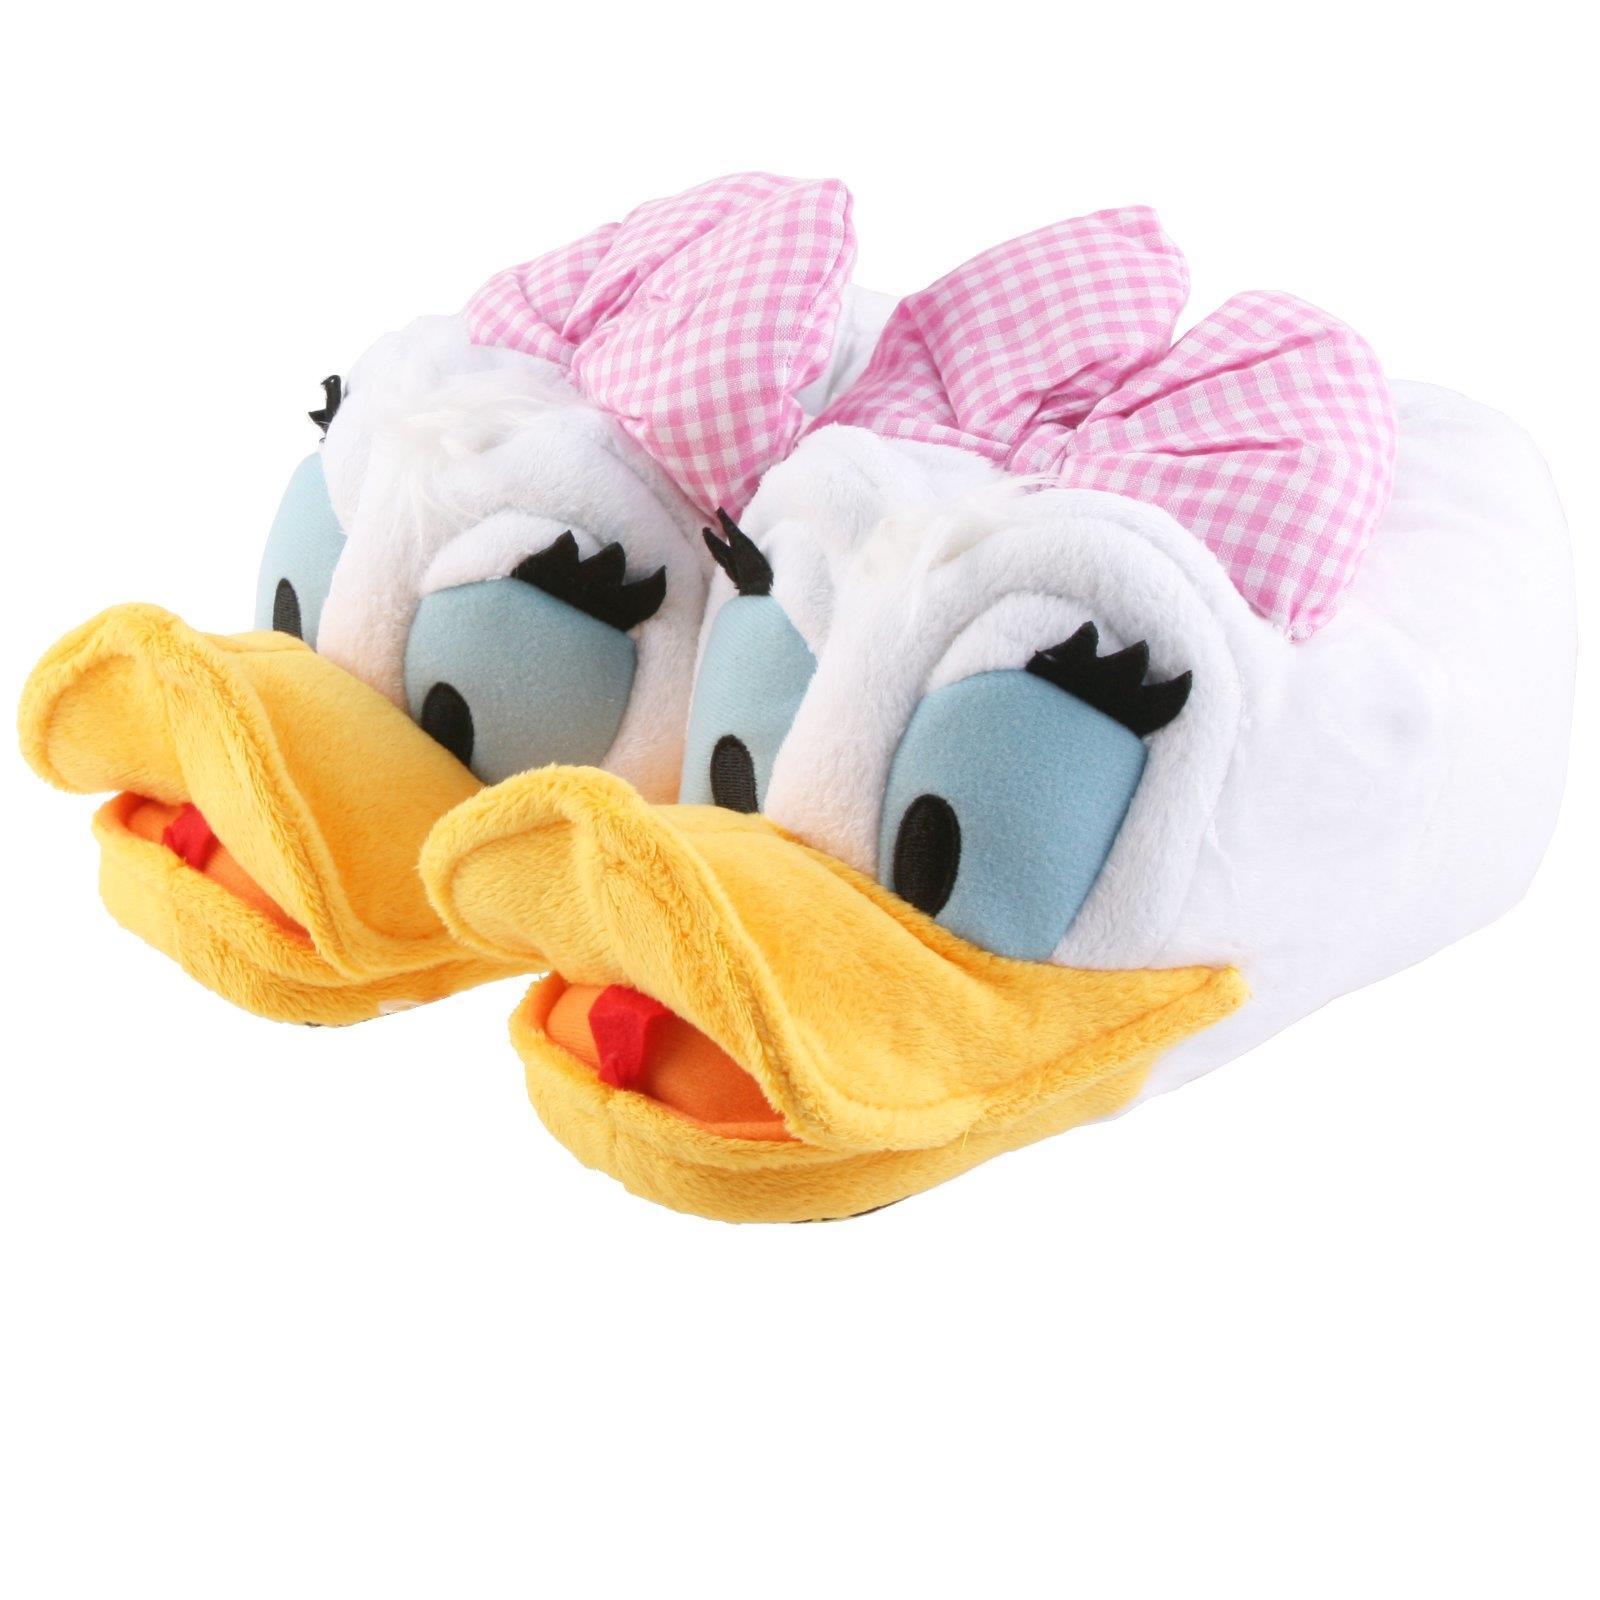 new arrival f8d3d 5e141 Details zu Tier Hausschuhe Plüsch Schlappen Pantoffel Puschen Kinder Jungen  Mädchen Disney